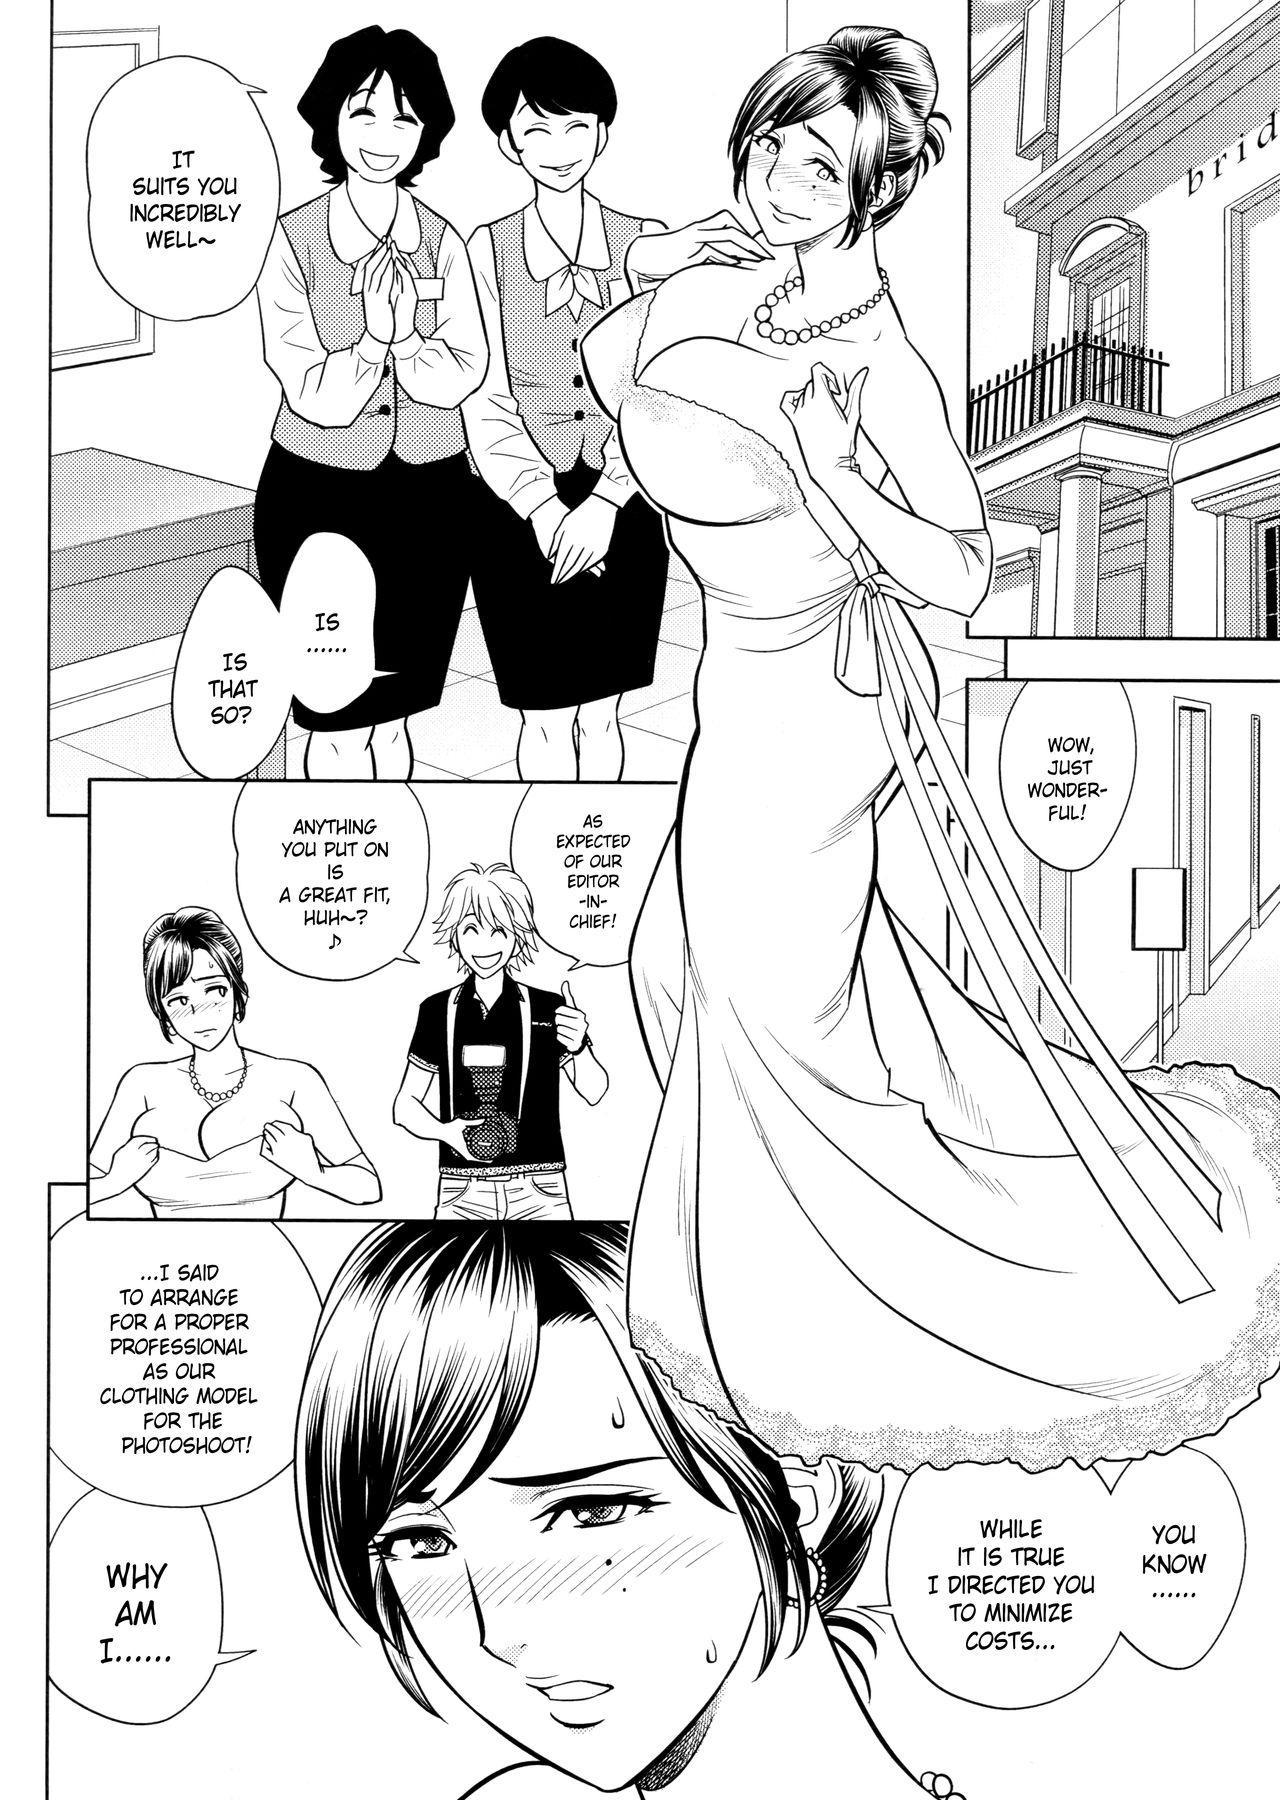 [Tatsunami Youtoku, Yamasaki Masato] Bijin Henshuu-chou no Himitsu | Beautiful Editor-in-Chief's Secret Ch. 1-8 [English] [Forbiddenfetish77, Red Vodka, Crystalium, CEDR777] [Decensored] 85